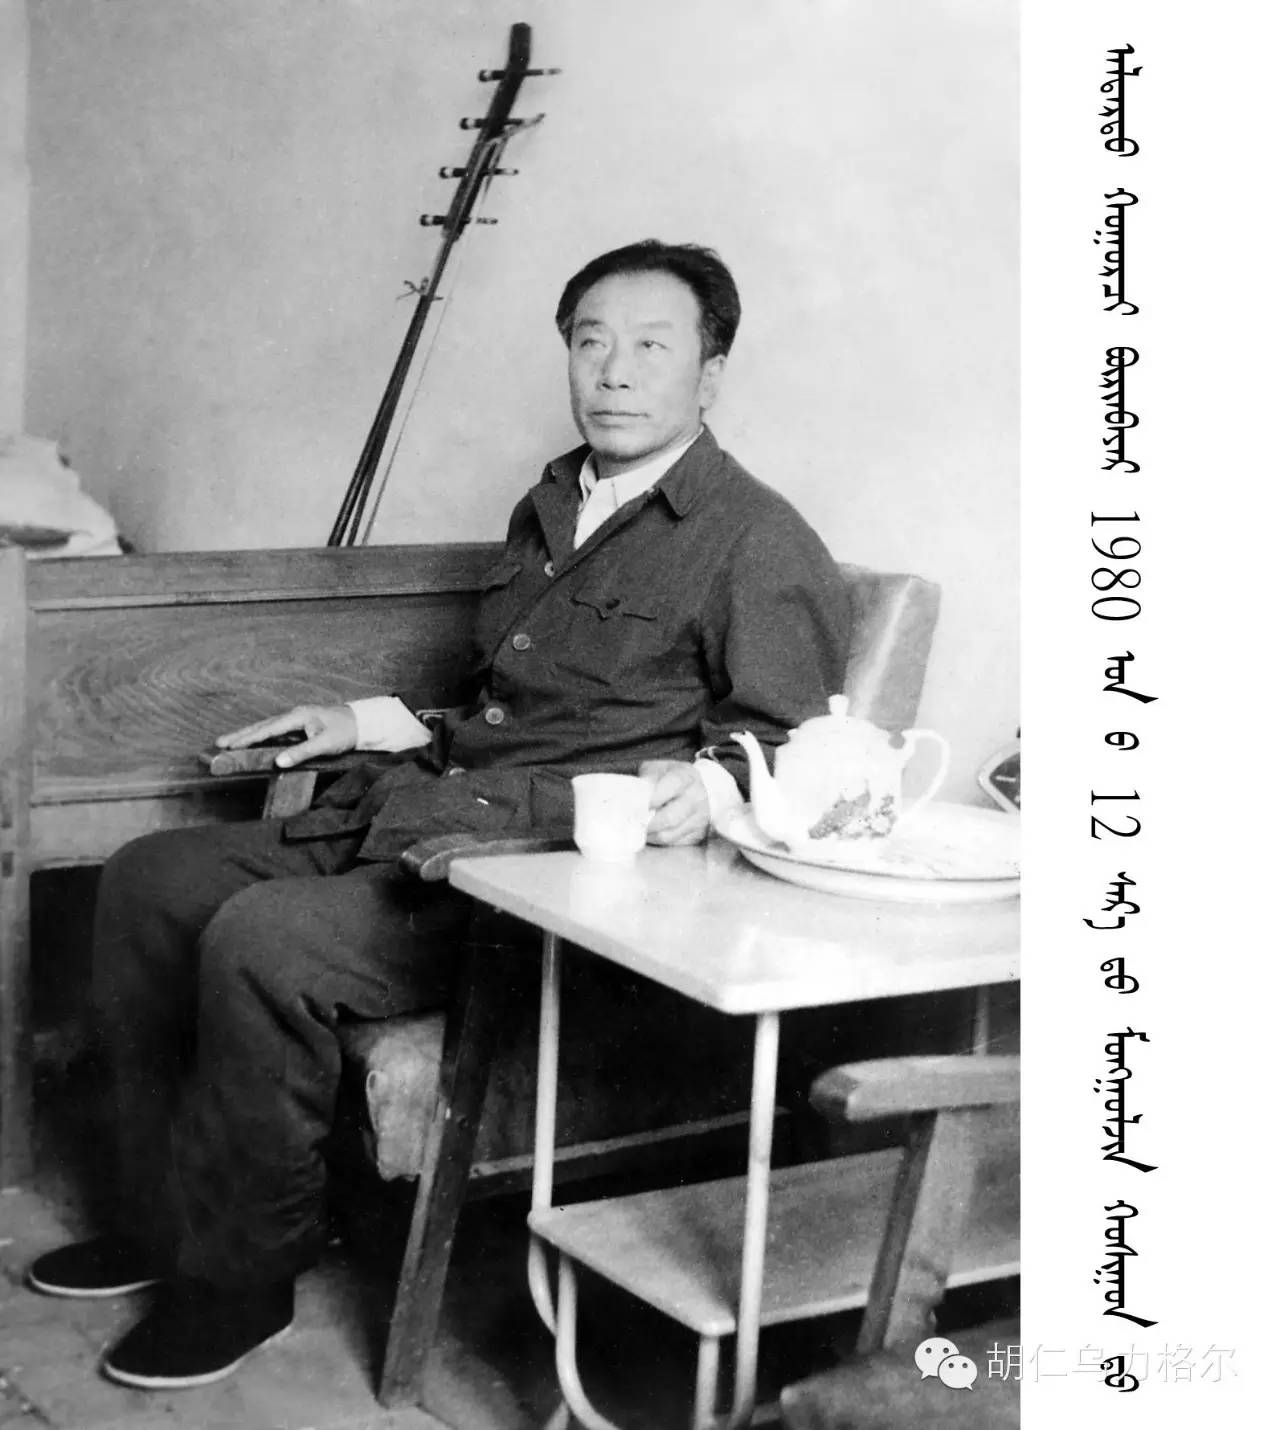 🔴🔴【大师系列】著名胡尔奇们的珍贵照片(4)——著名胡尔奇布仁巴雅尔大师